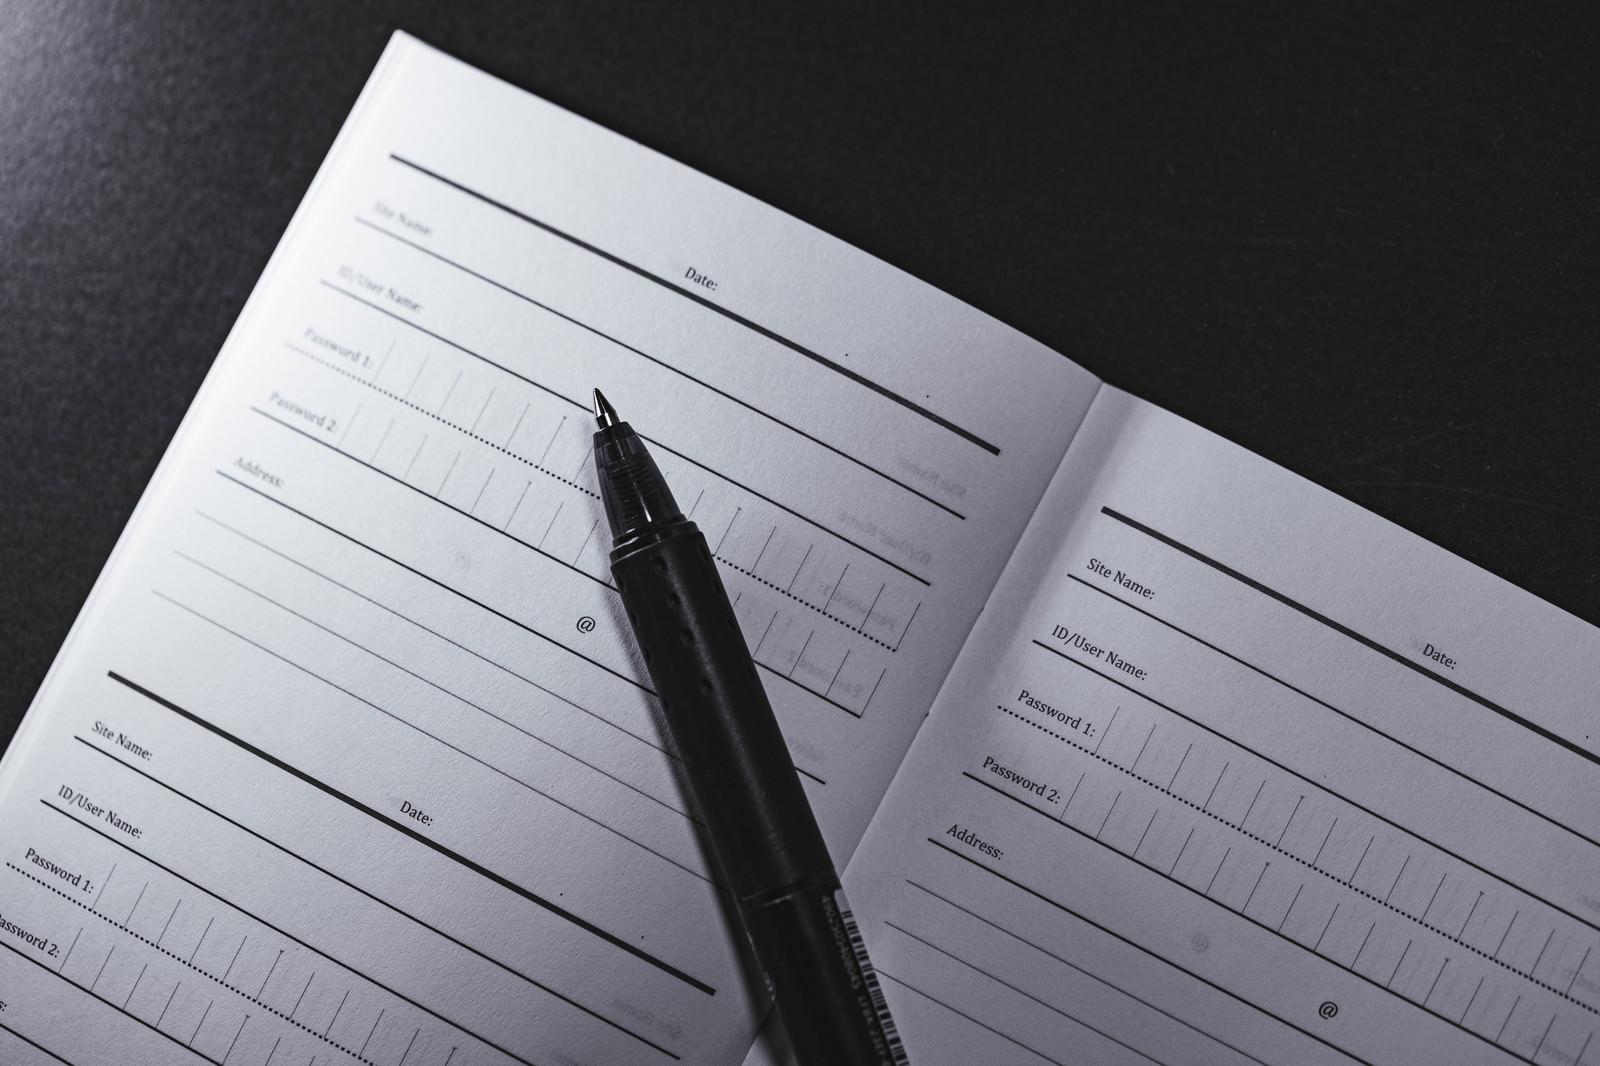 「パスワード管理帳」の写真